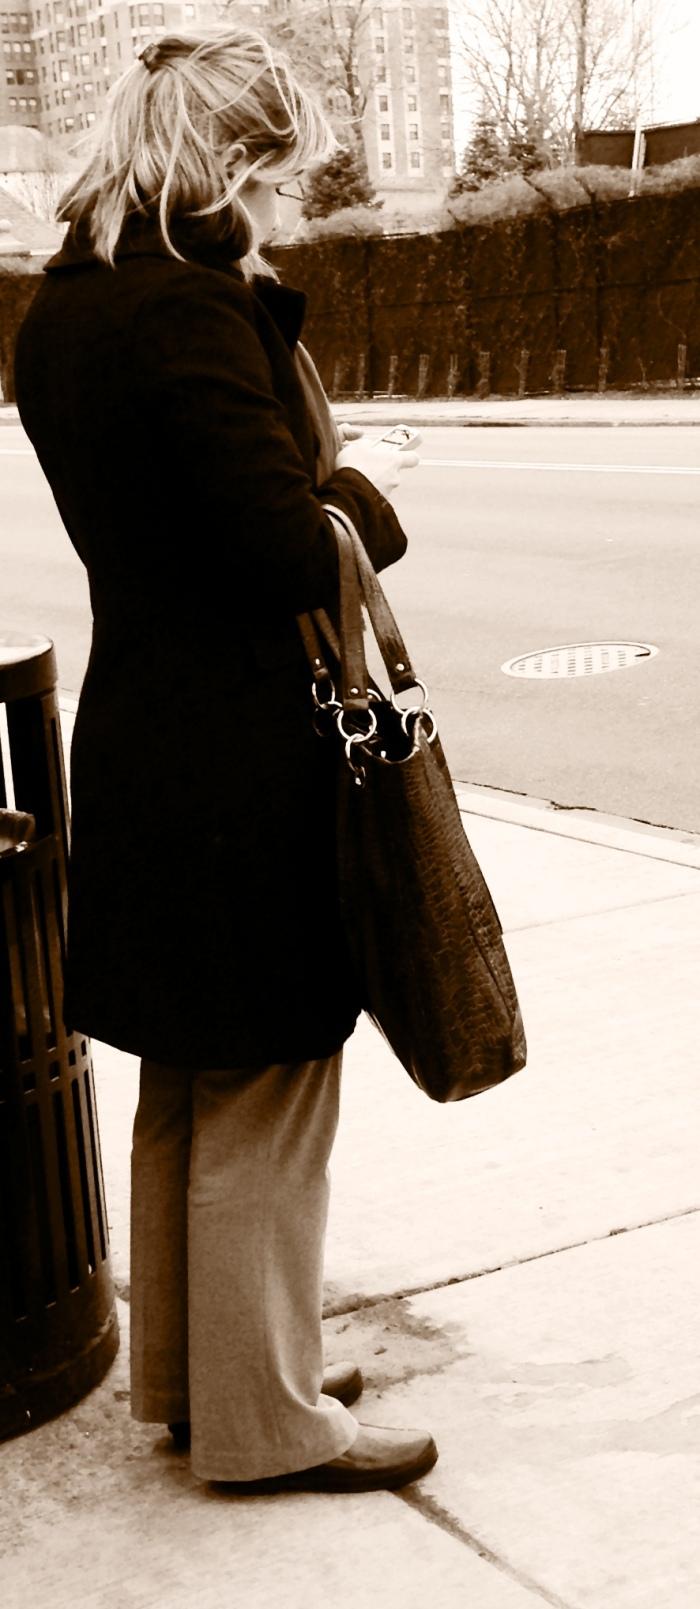 Commuter 17